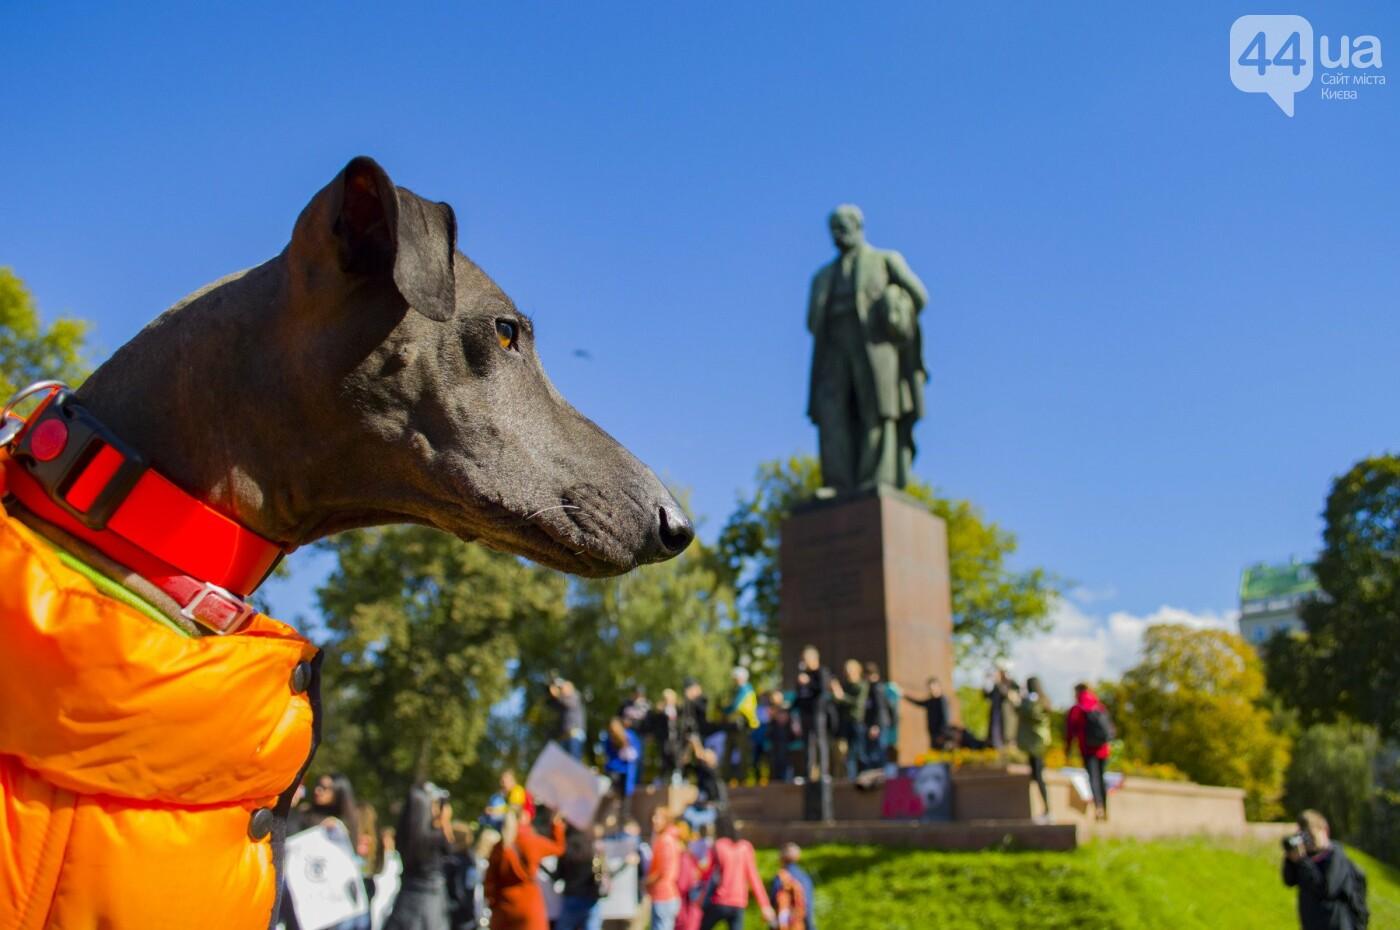 Собаки, коты и хомячки: в Киеве прошла акция за права животных, - ФОТОРЕПОРТАЖ, фото-26